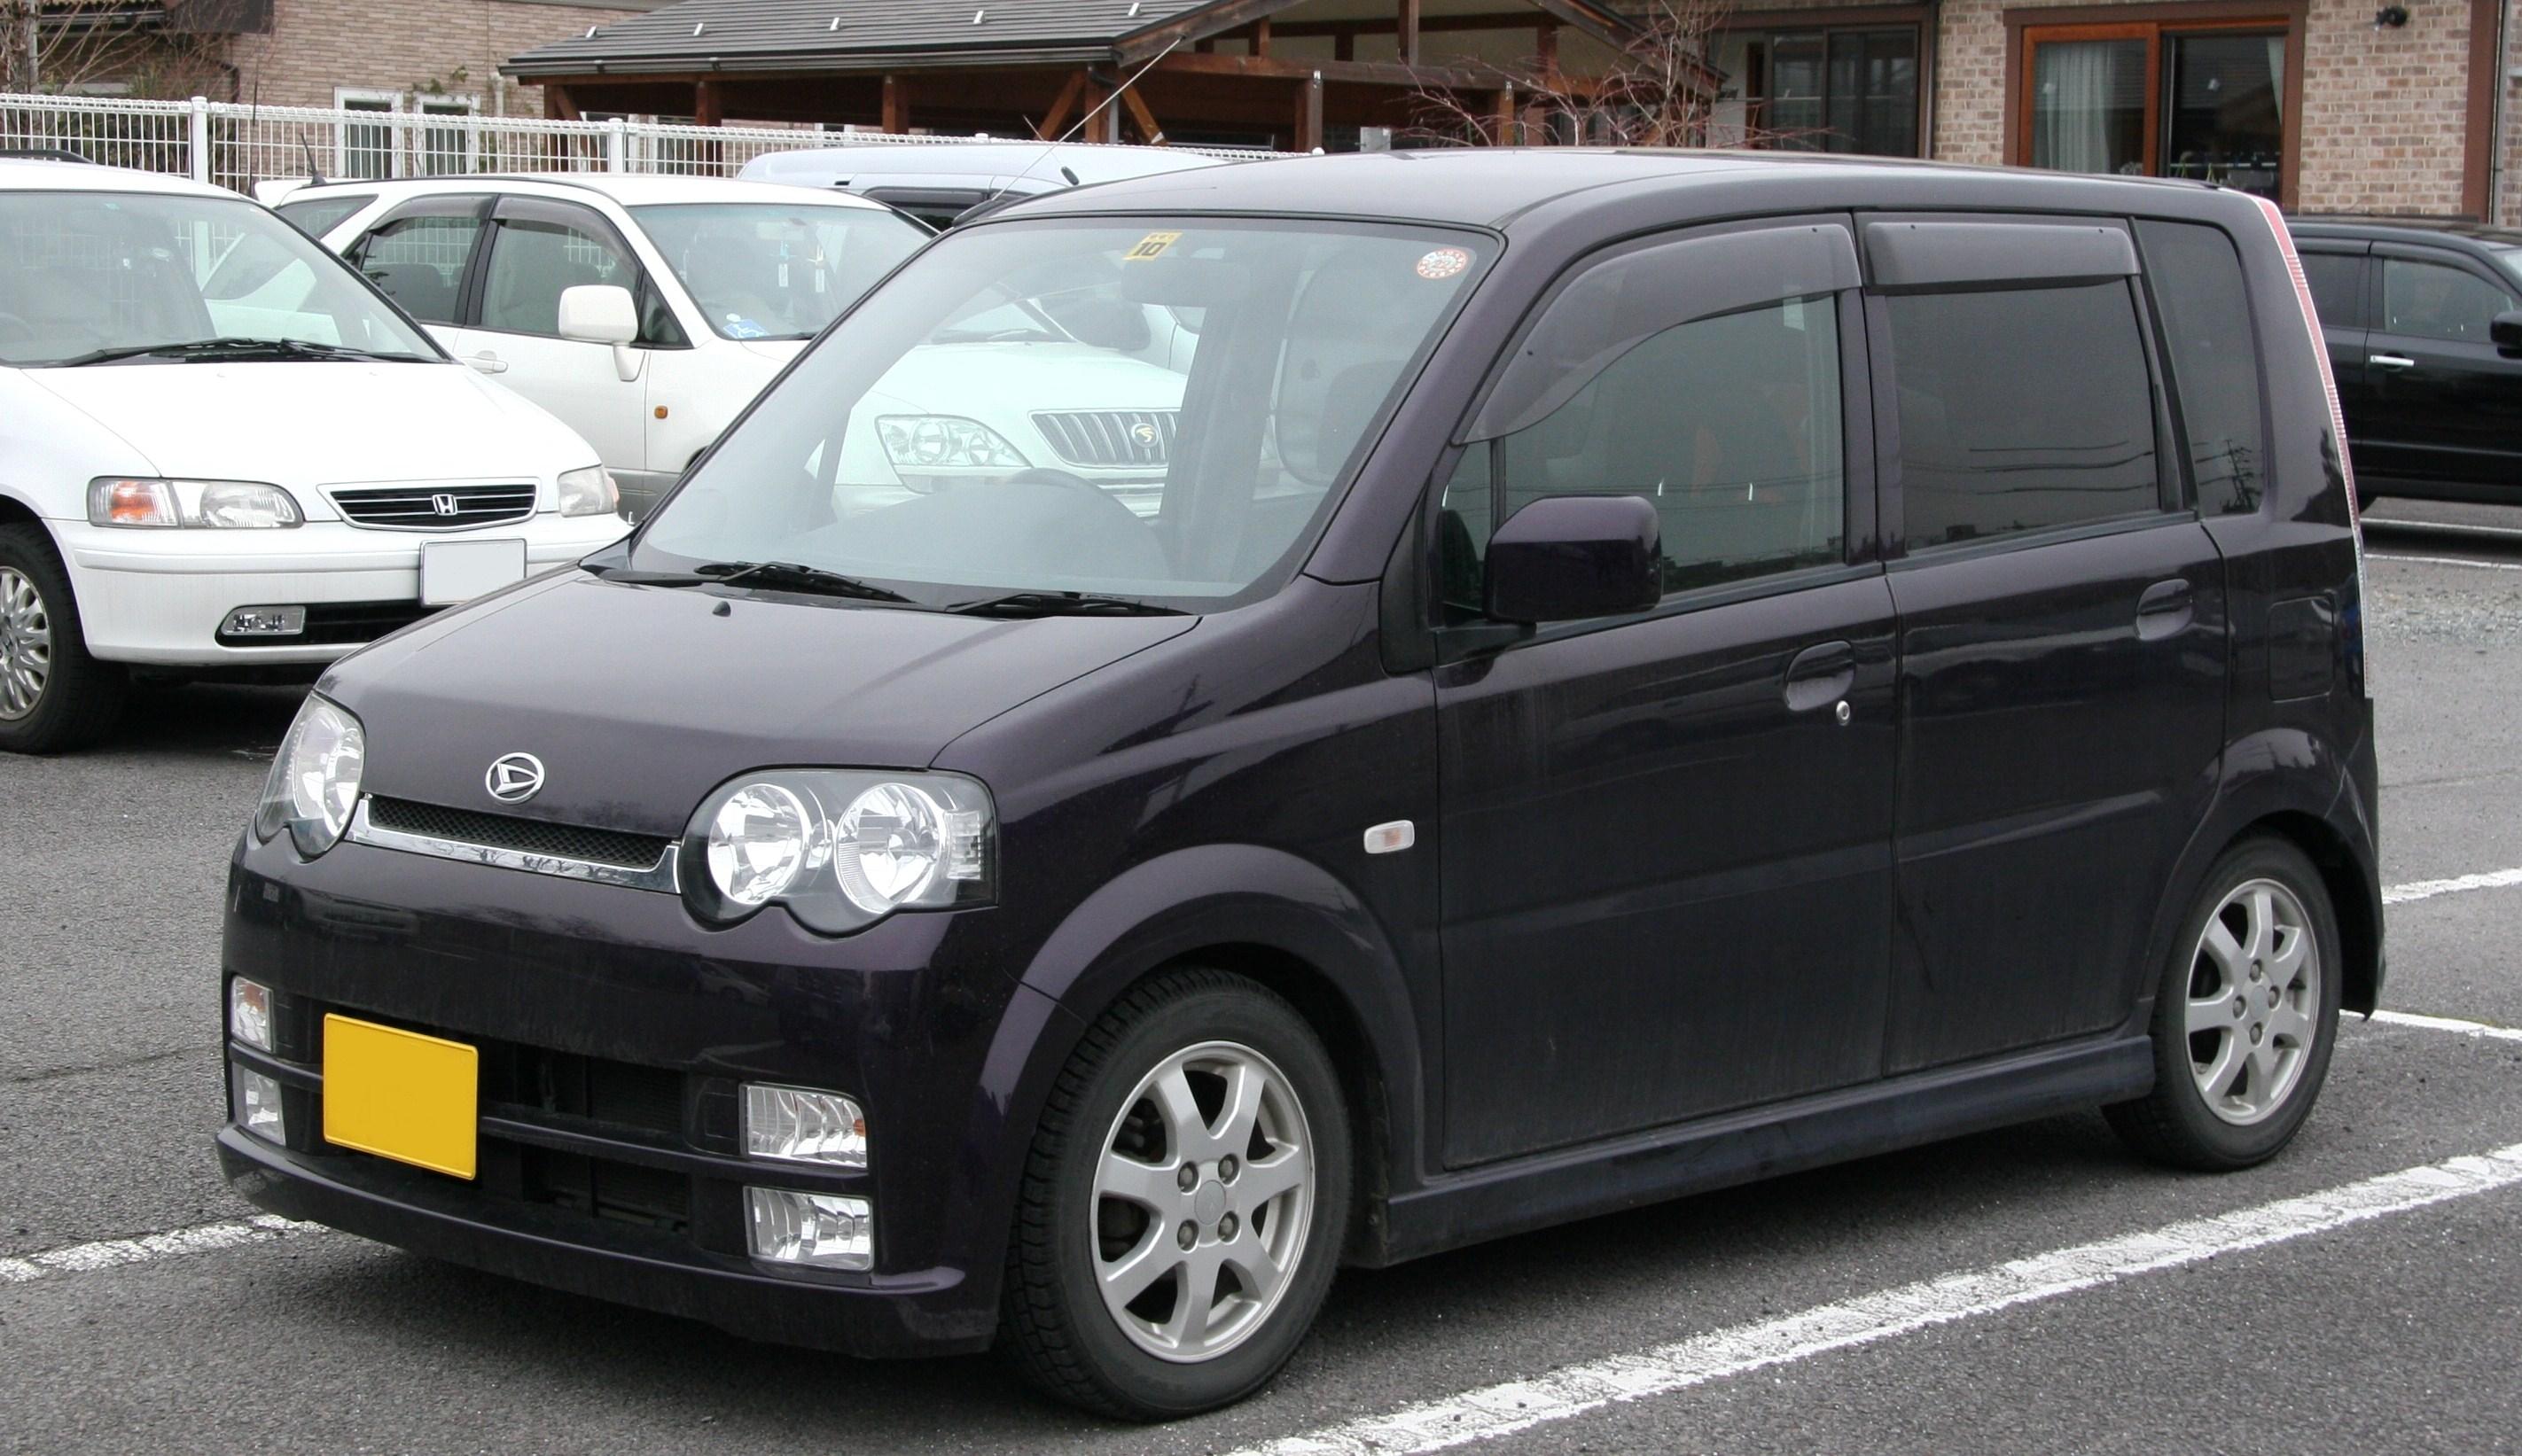 หนังสือ wiring diagram รถยนต์ daihatsu move ทั้งคัน ปี 2002 ( ef-ve,ef-det, jb-det )